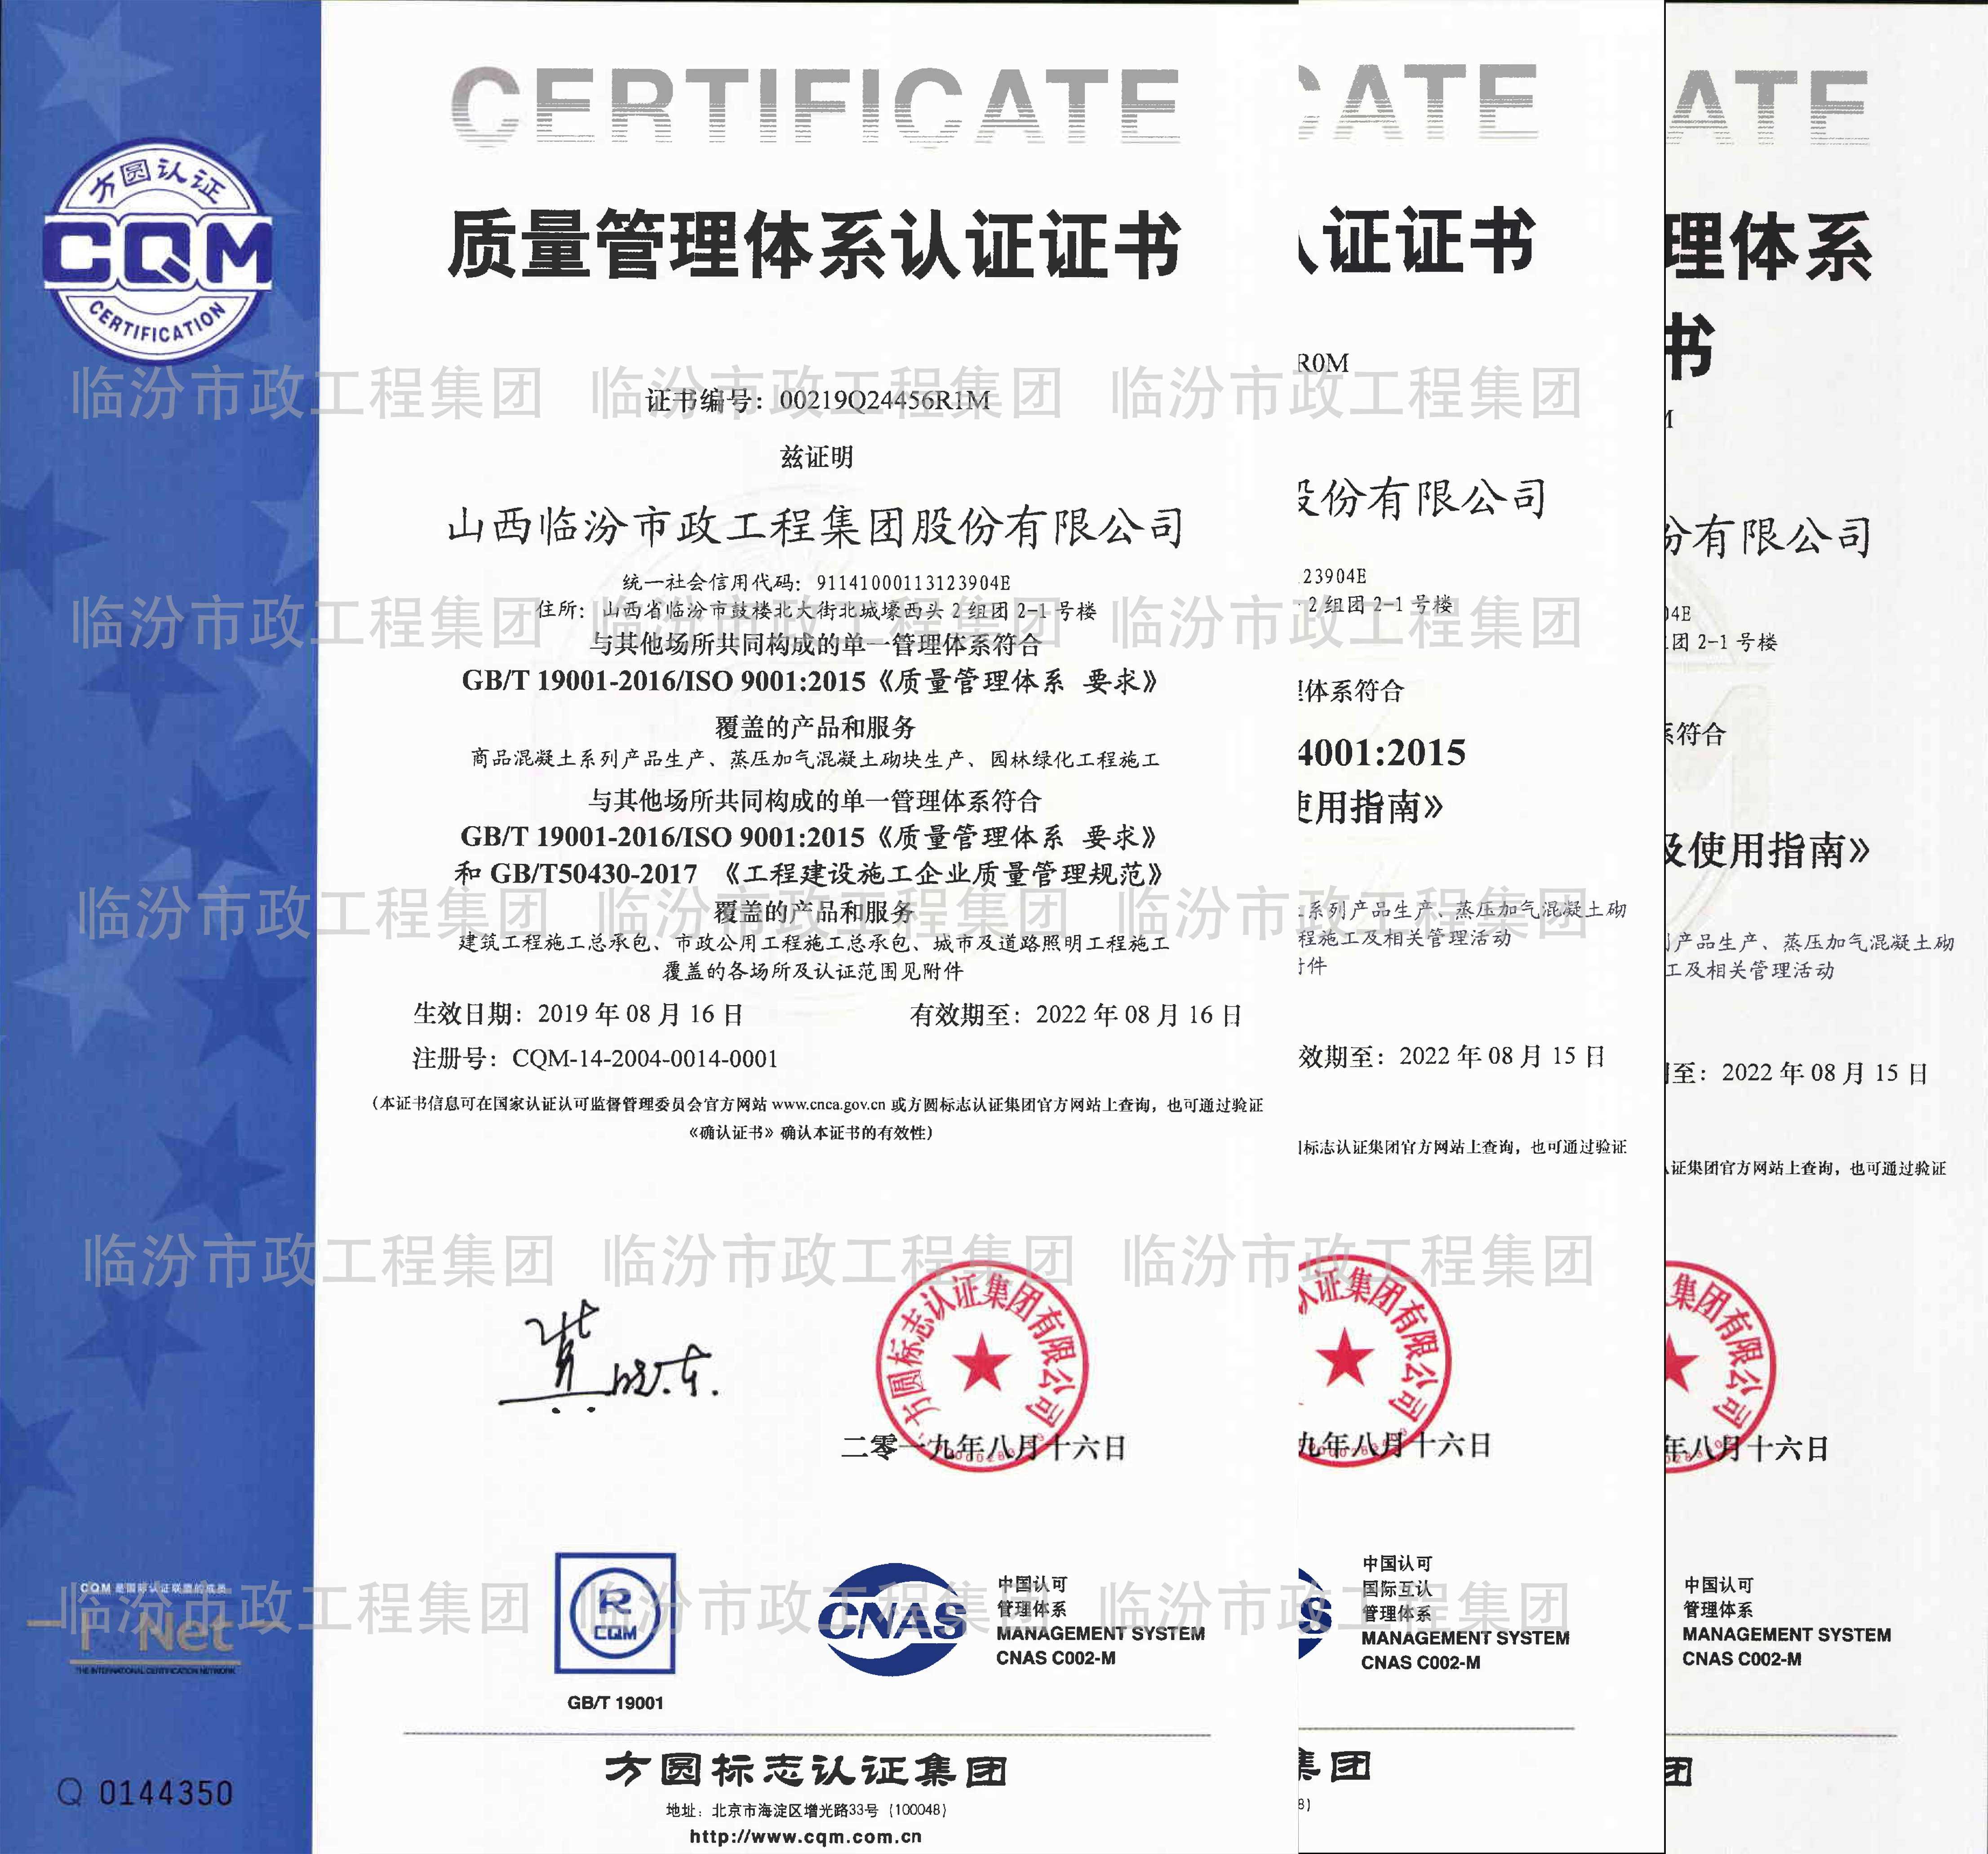 體系認證排版